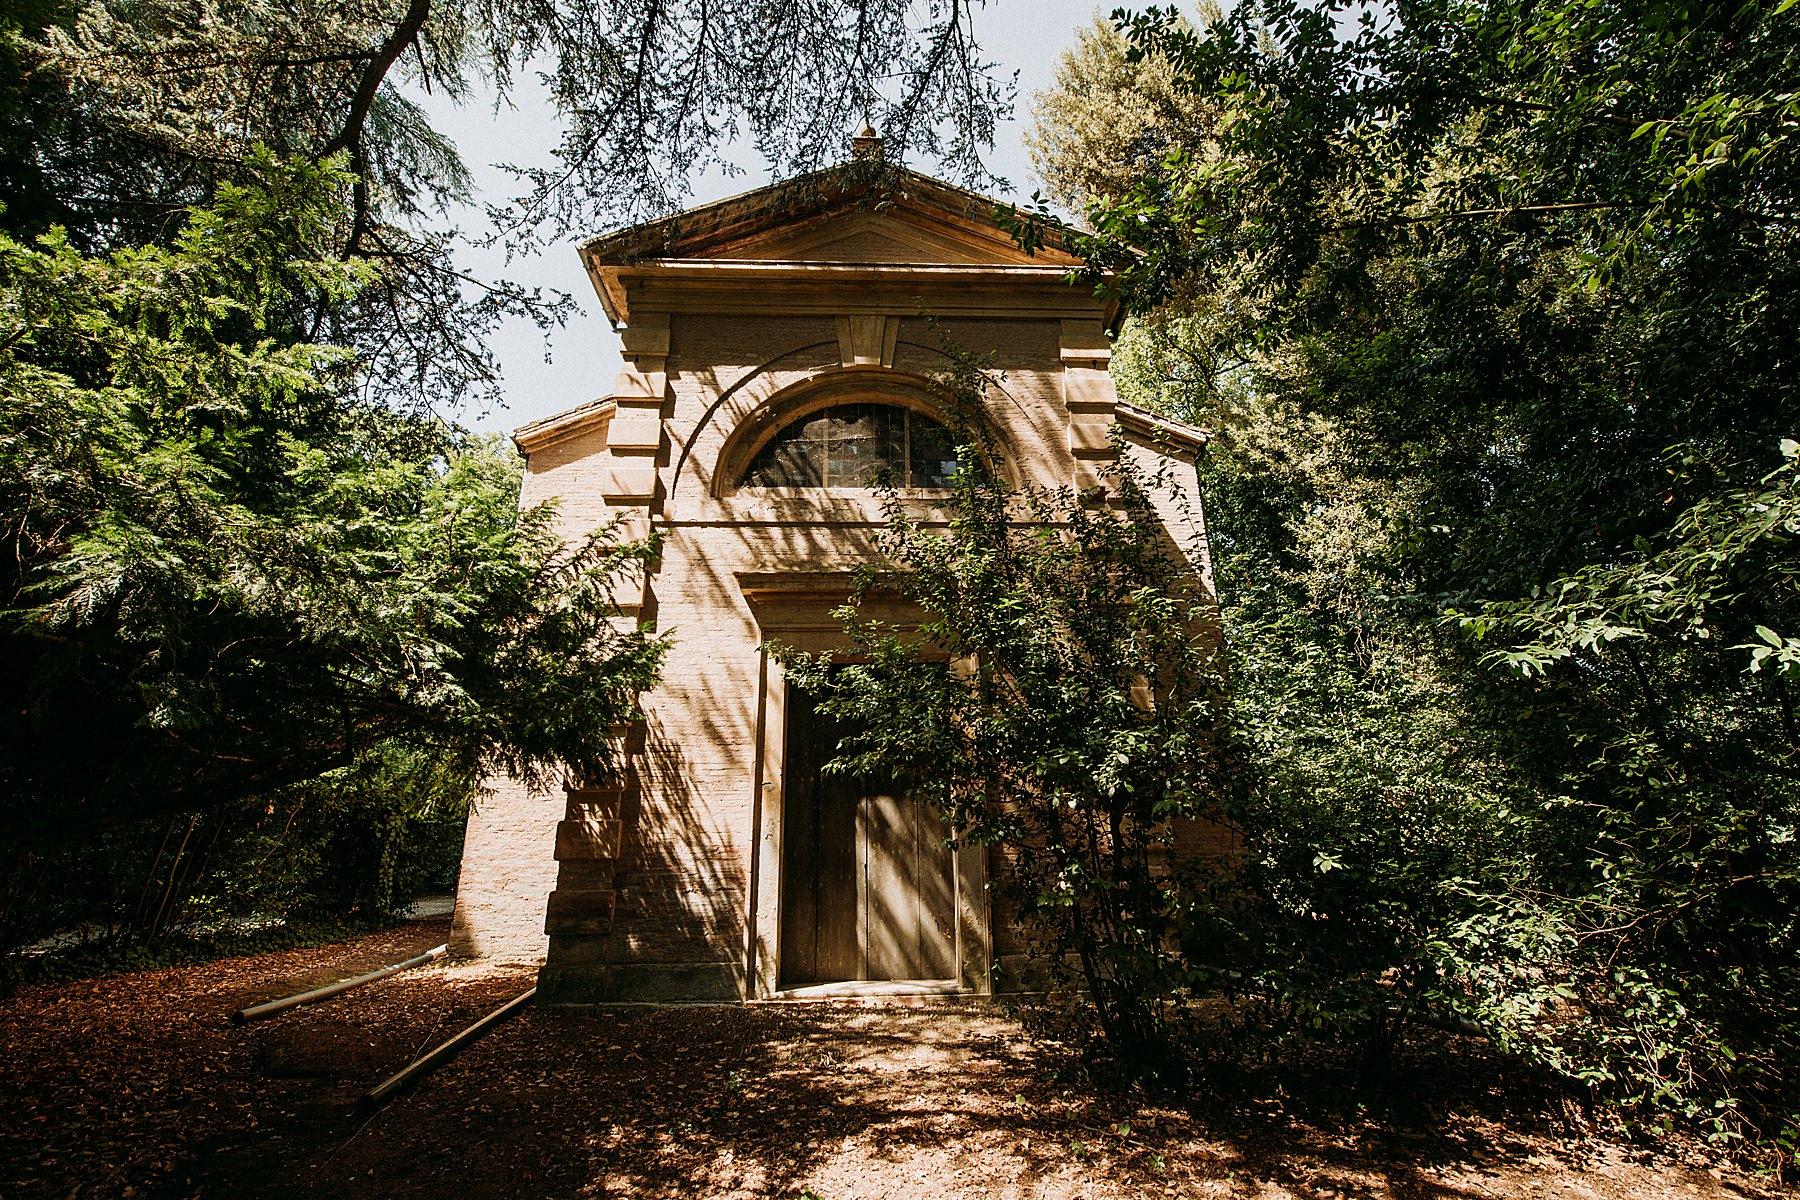 Villa Pasolini Dall Onda Tenuta Montericco